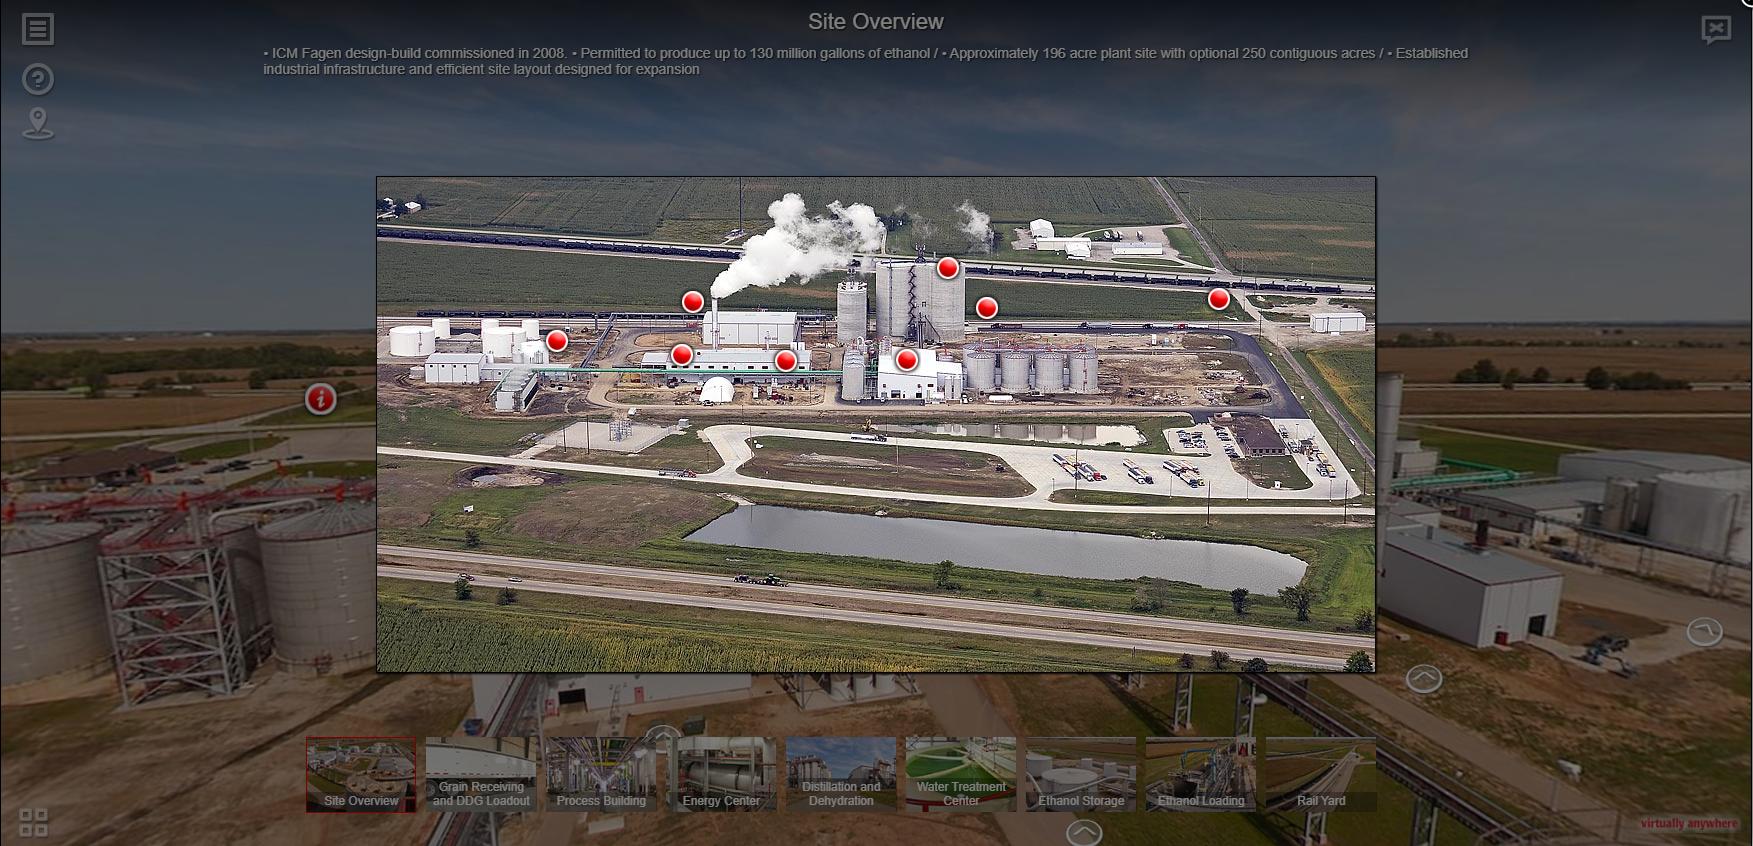 VR tour khu công nghiệp